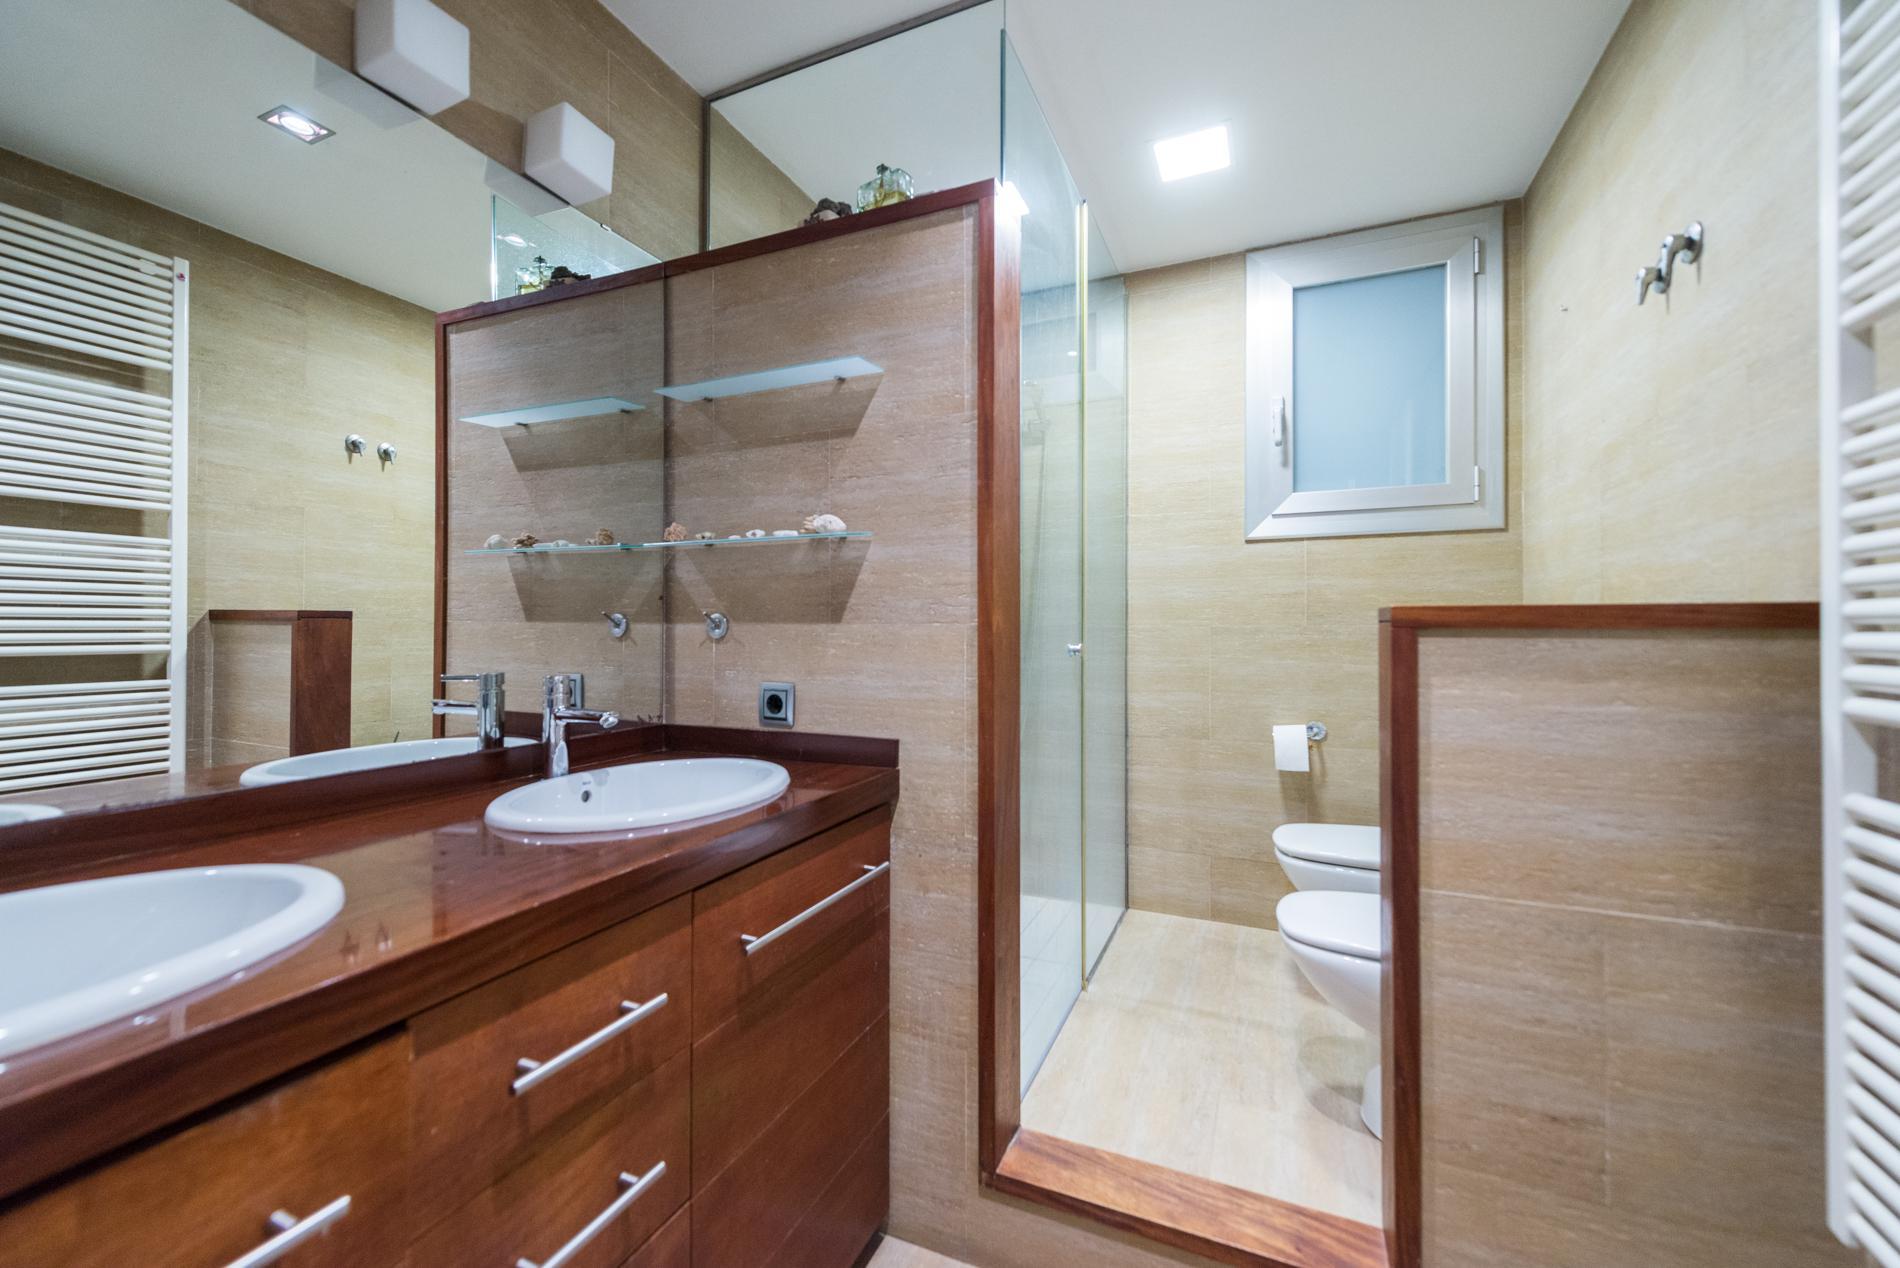 247761 Ground Floor for sale in Sarrià-Sant Gervasi, St. Gervasi-Bonanova 22